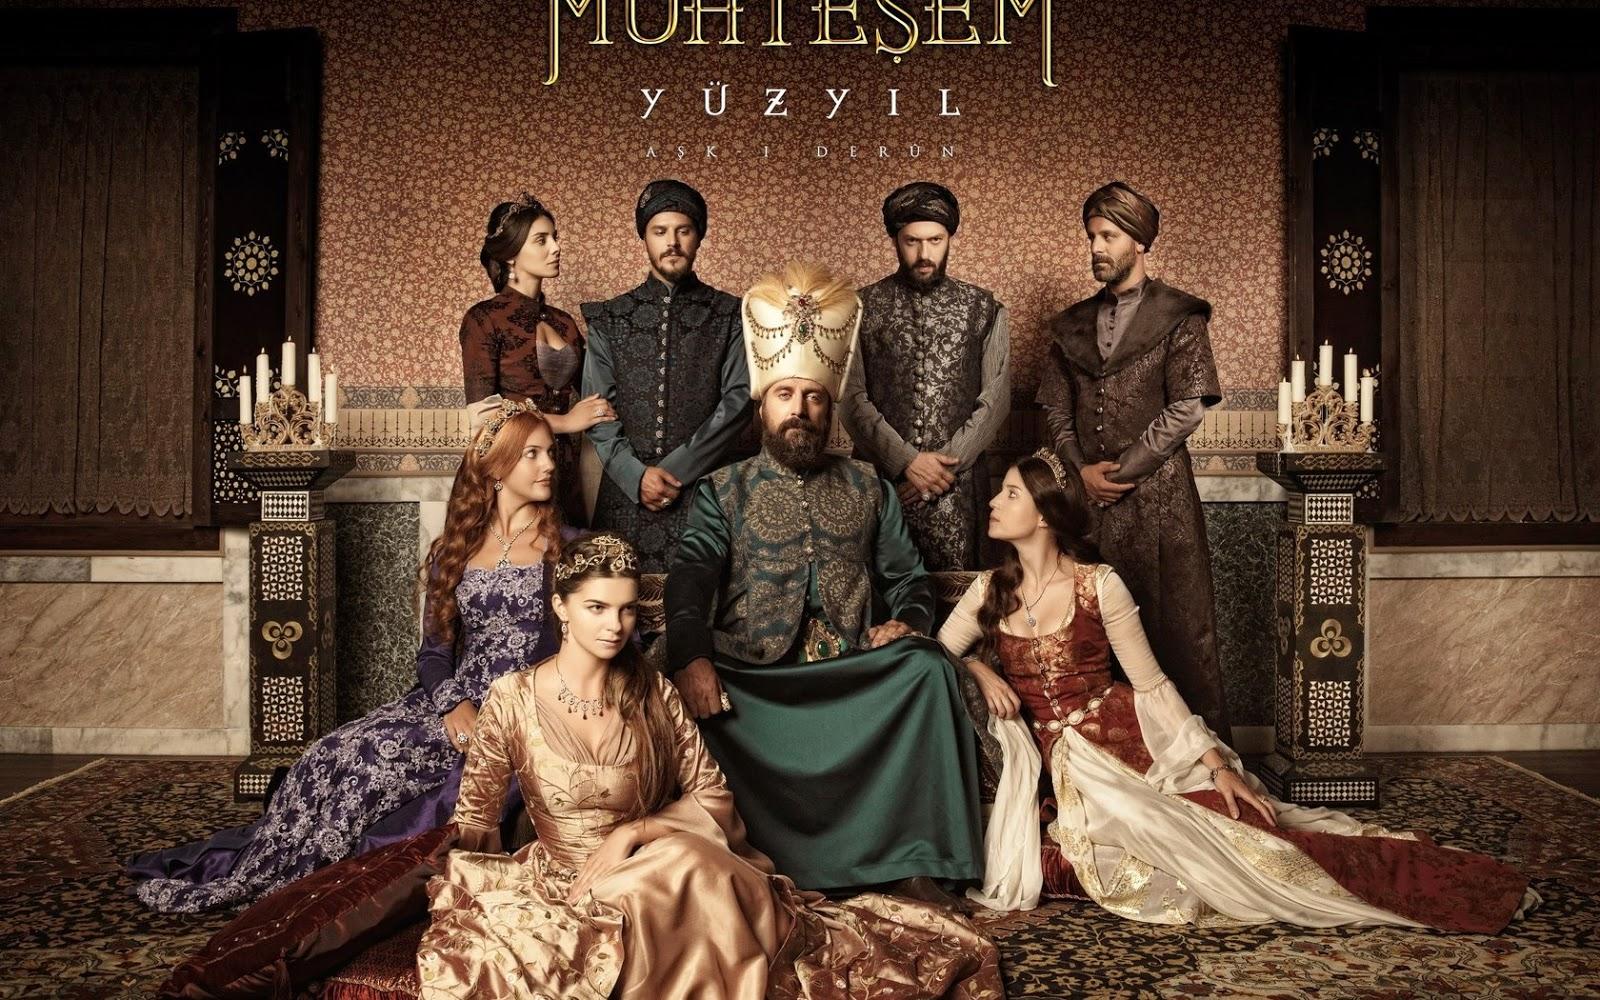 muhtasemyuz 10 faktów o epoce Sulejmana, które powinien znać każdy fan serialu Wspaniałe Stulecie